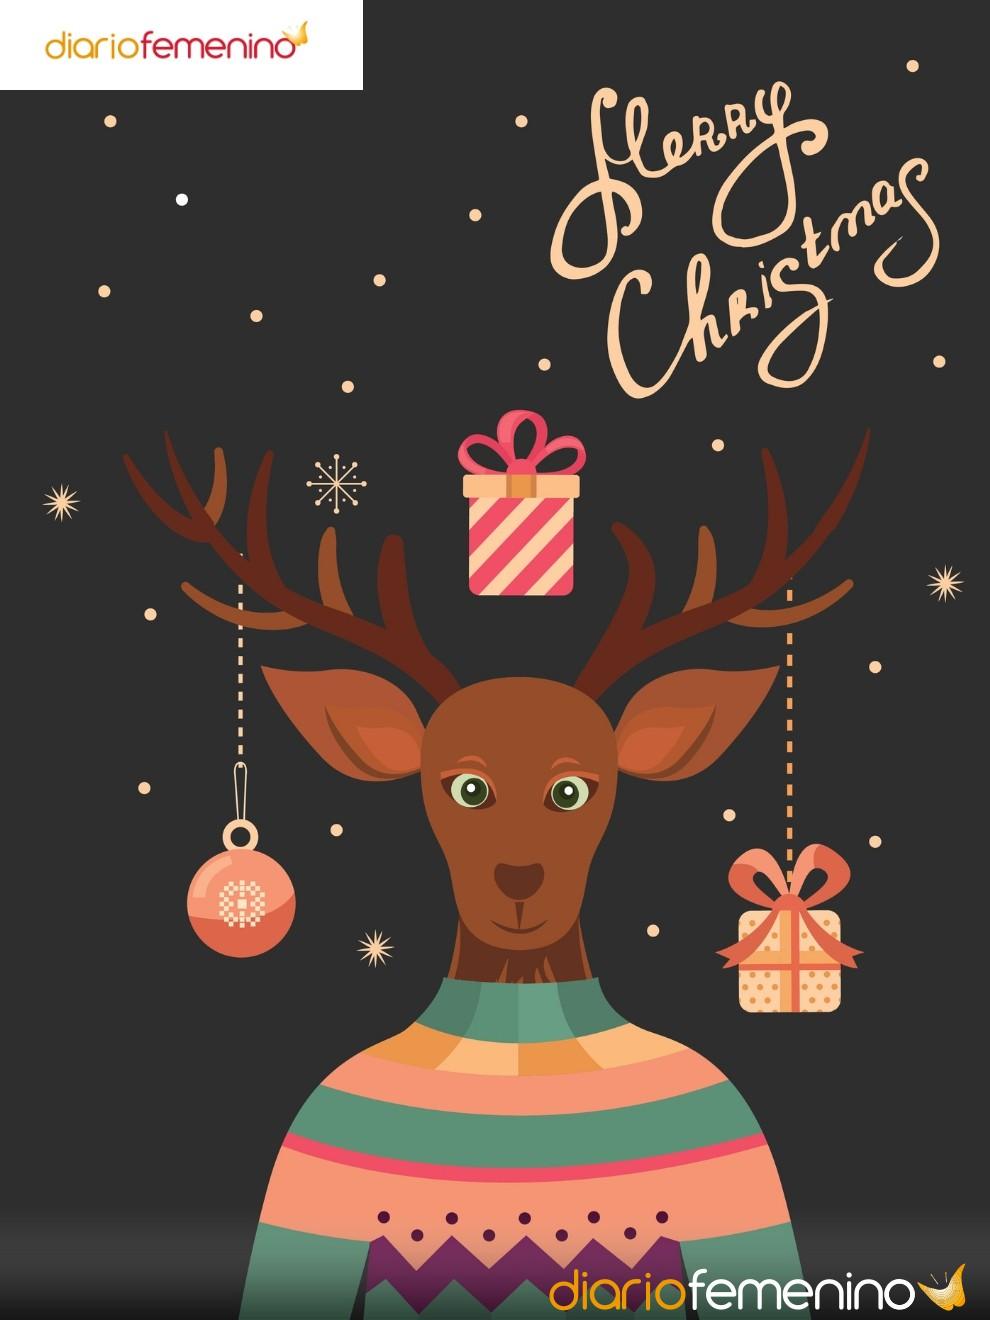 Tarjetas de Navidad y Año Nuevo 2019 para felicitar a tus amigos y triunfar